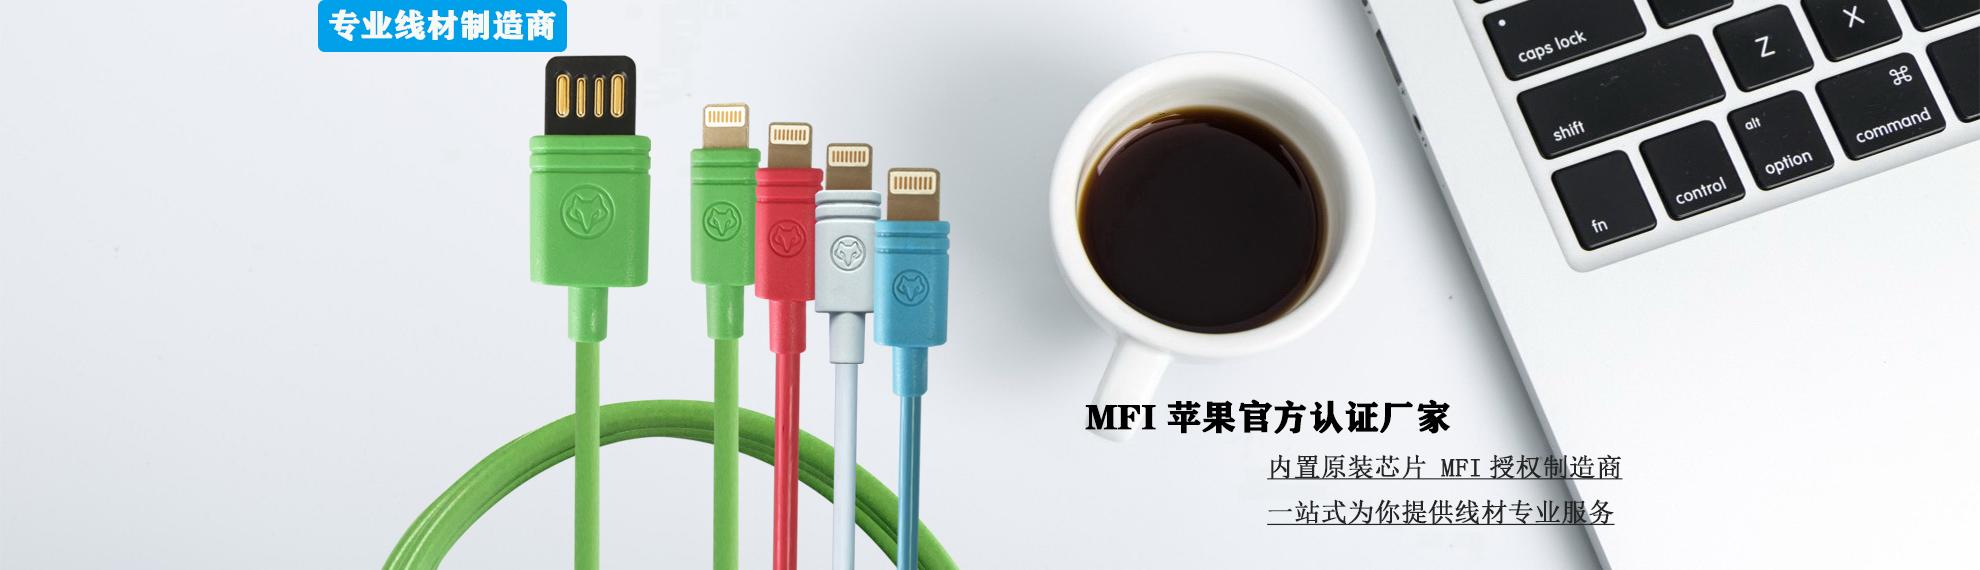 苹果数据线,MFI认证厂家